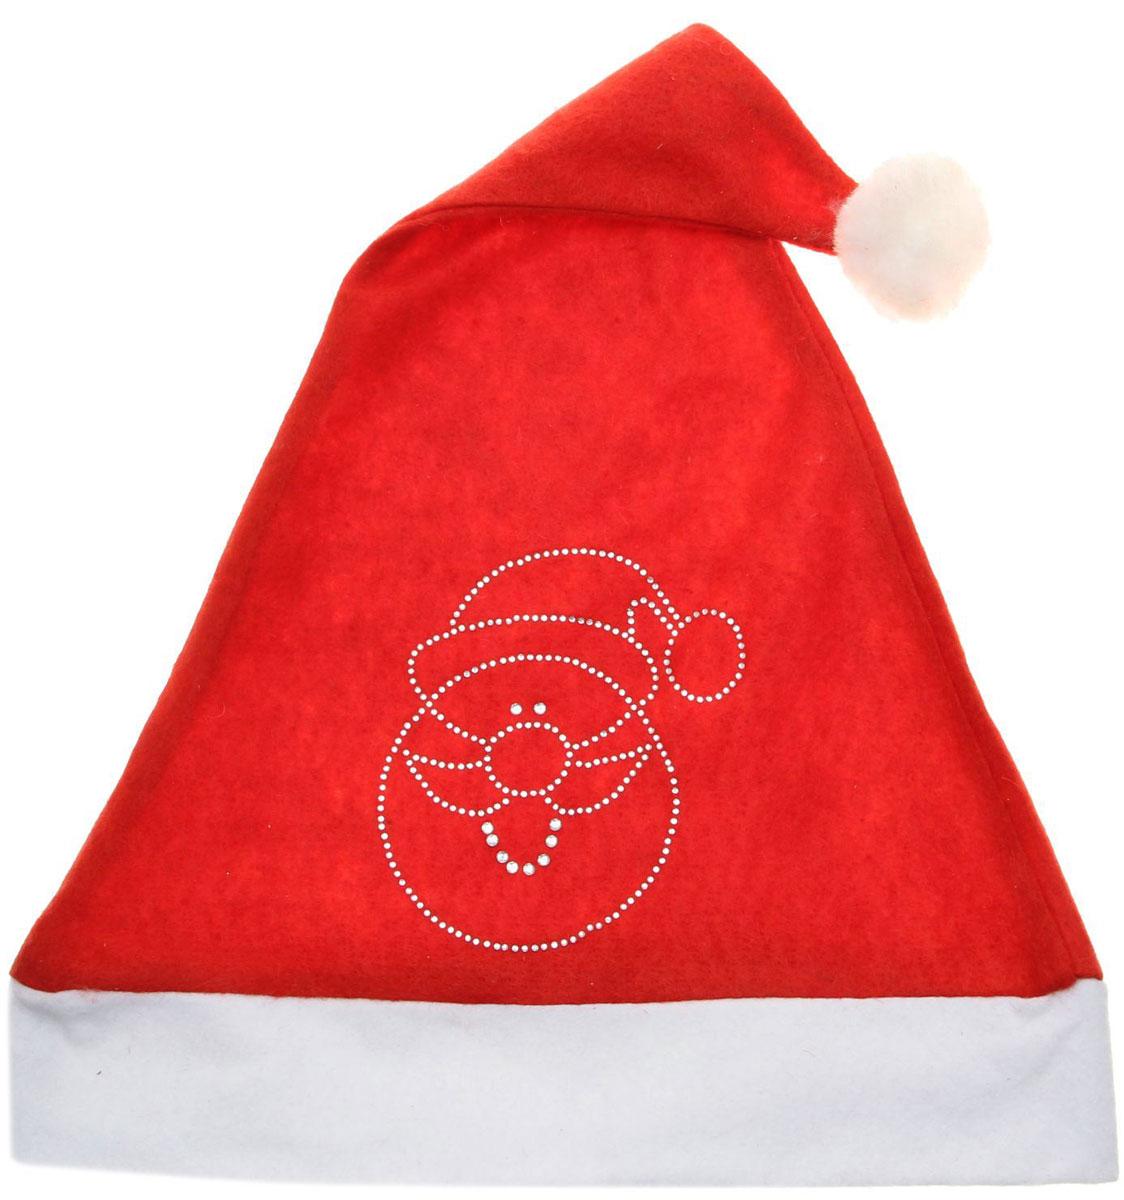 Колпак новогодний Дед Мороз, 29 х 38 см. 13905951390595Поддайтесь новогоднему веселью на полную катушку! Забавный колпак в секунду создаст праздничное настроение, будь то поздравление ребятишек или вечеринка с друзьями. Размер изделия универсальный: аксессуар подойдет как для ребенка, так и для взрослого. А мягкий текстиль позволит носить колпак с комфортом на протяжении всей новогодней ночи.